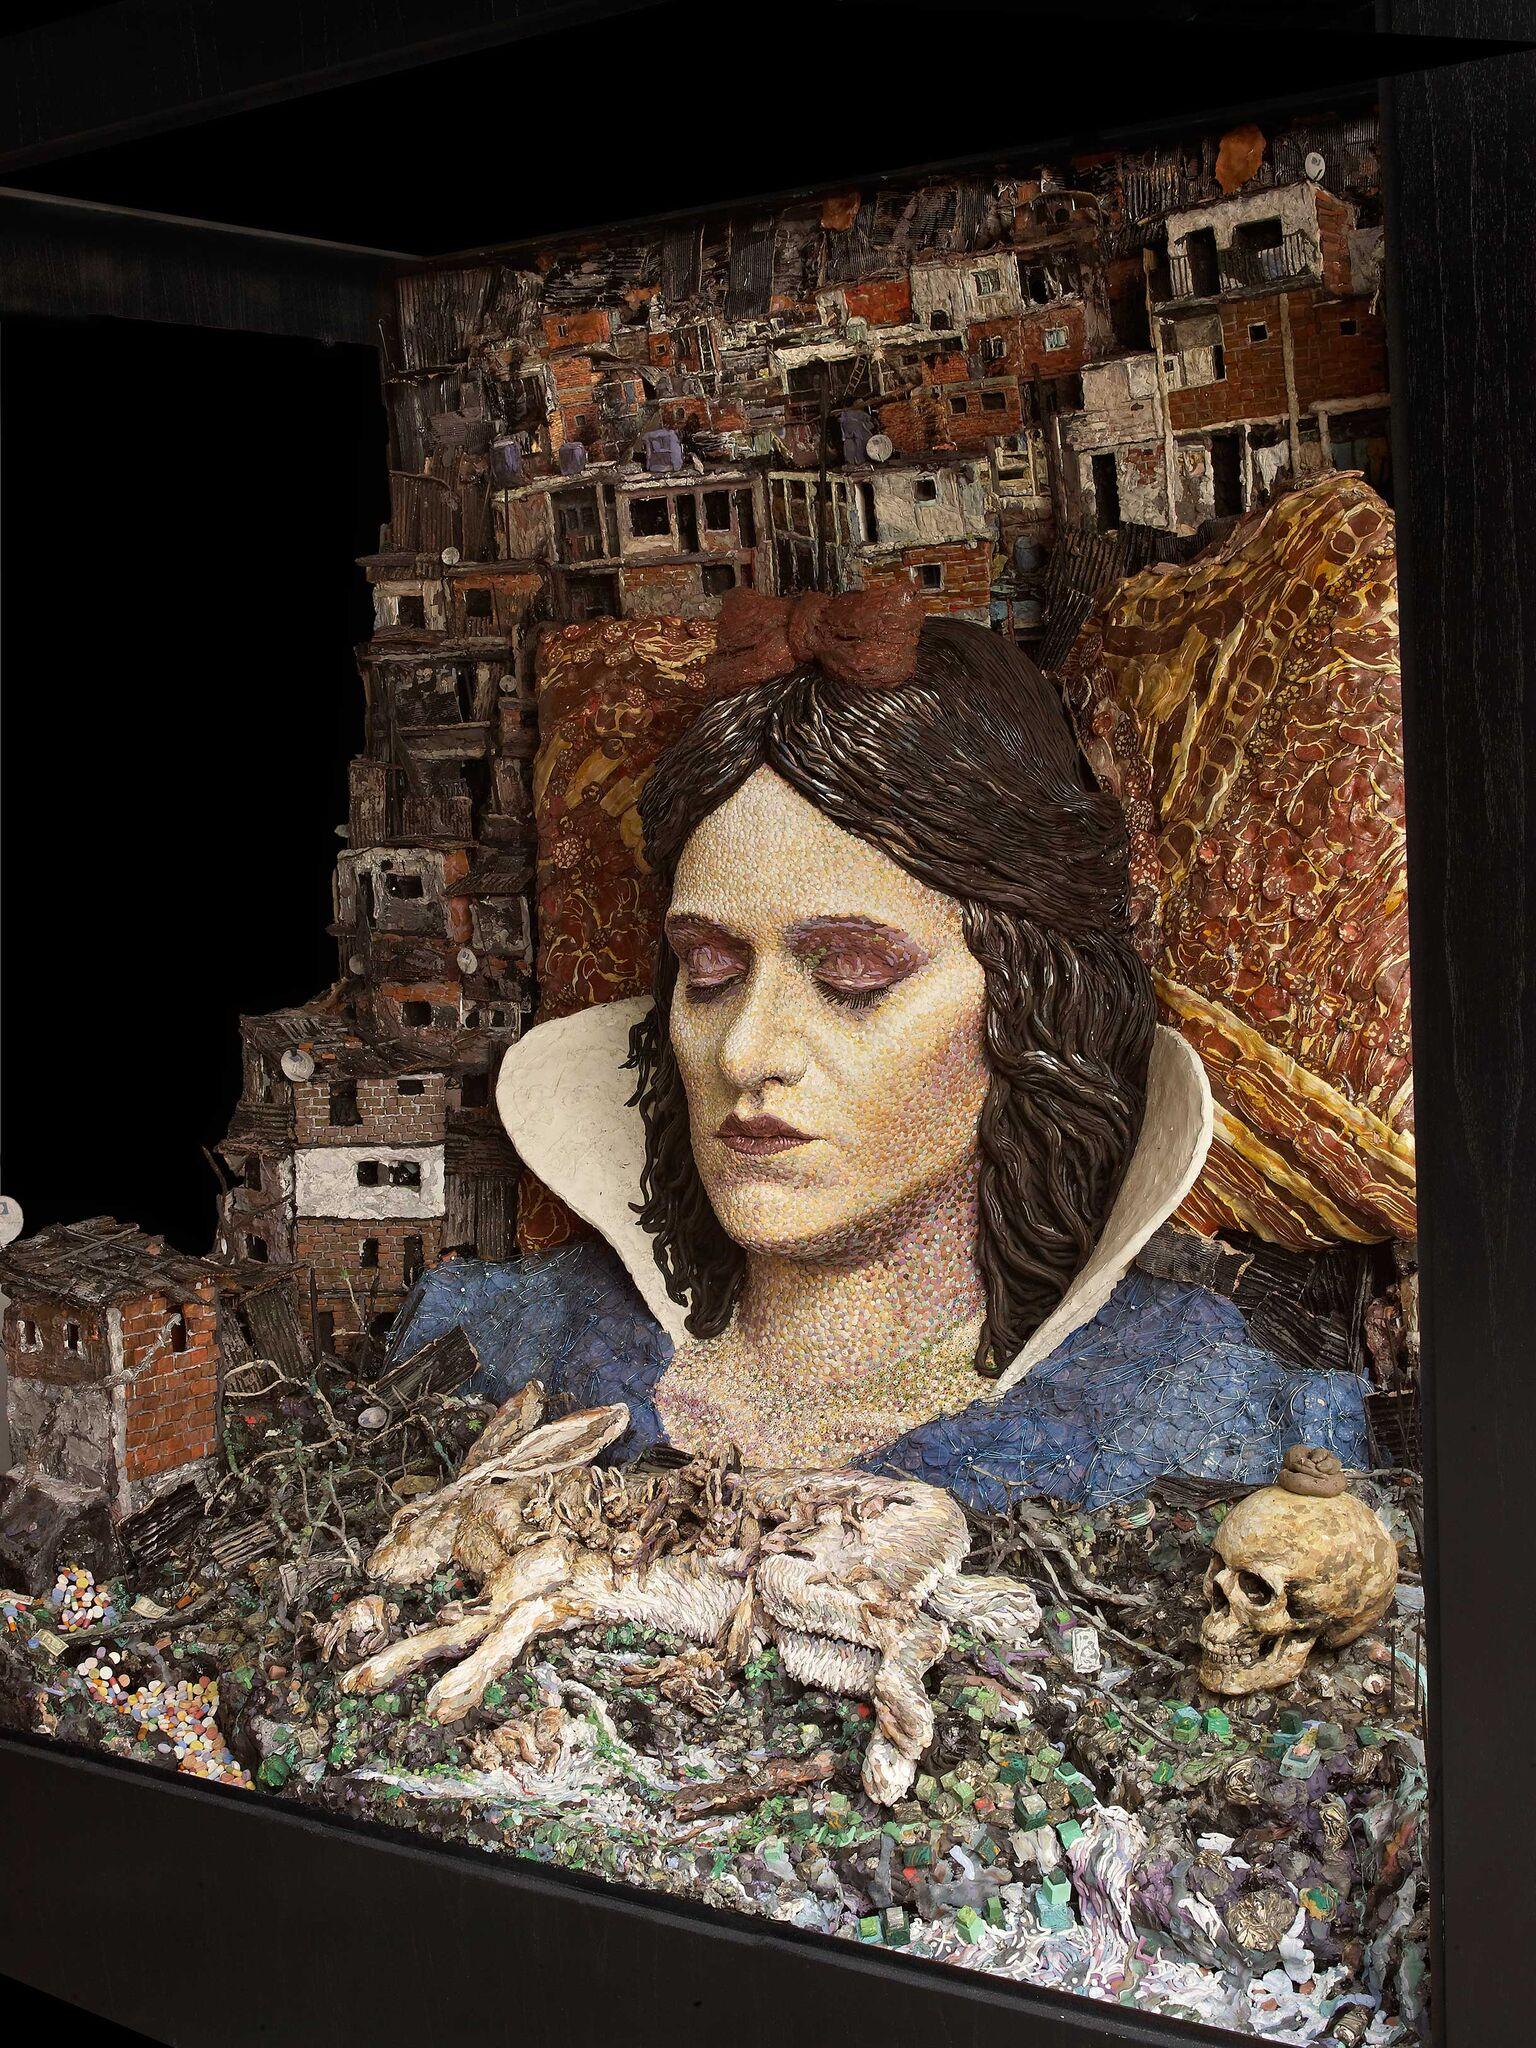 I'D SETTLE FOR BEING ABLE TO SLEEP – escultura de Blancanieves descansando sobre una villa